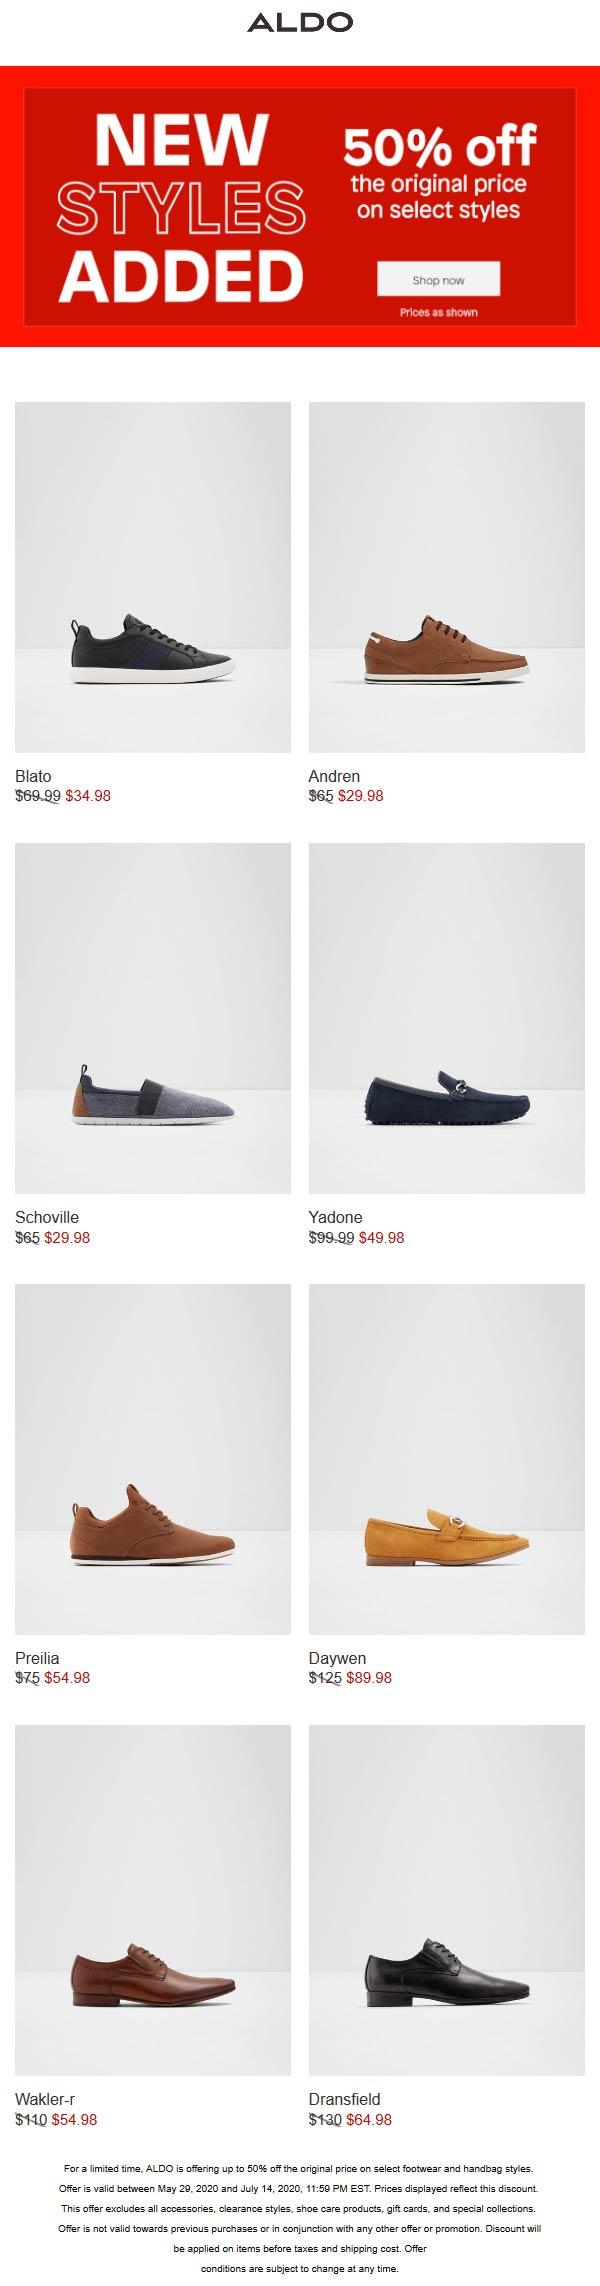 aldo shoes promo cheap online